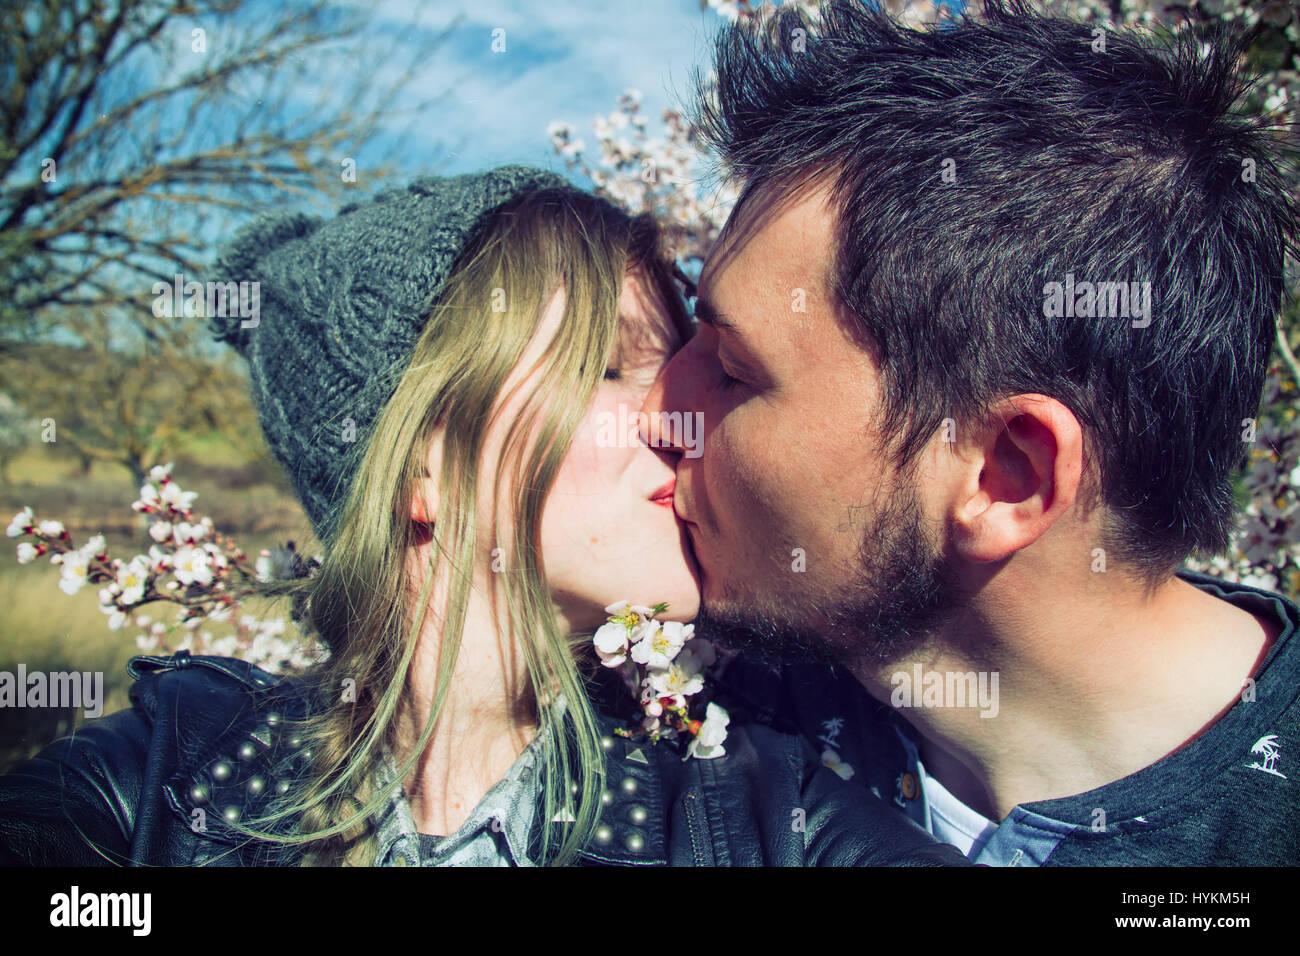 Junge Brautpaar zusammen den Frühling genießen Stockbild